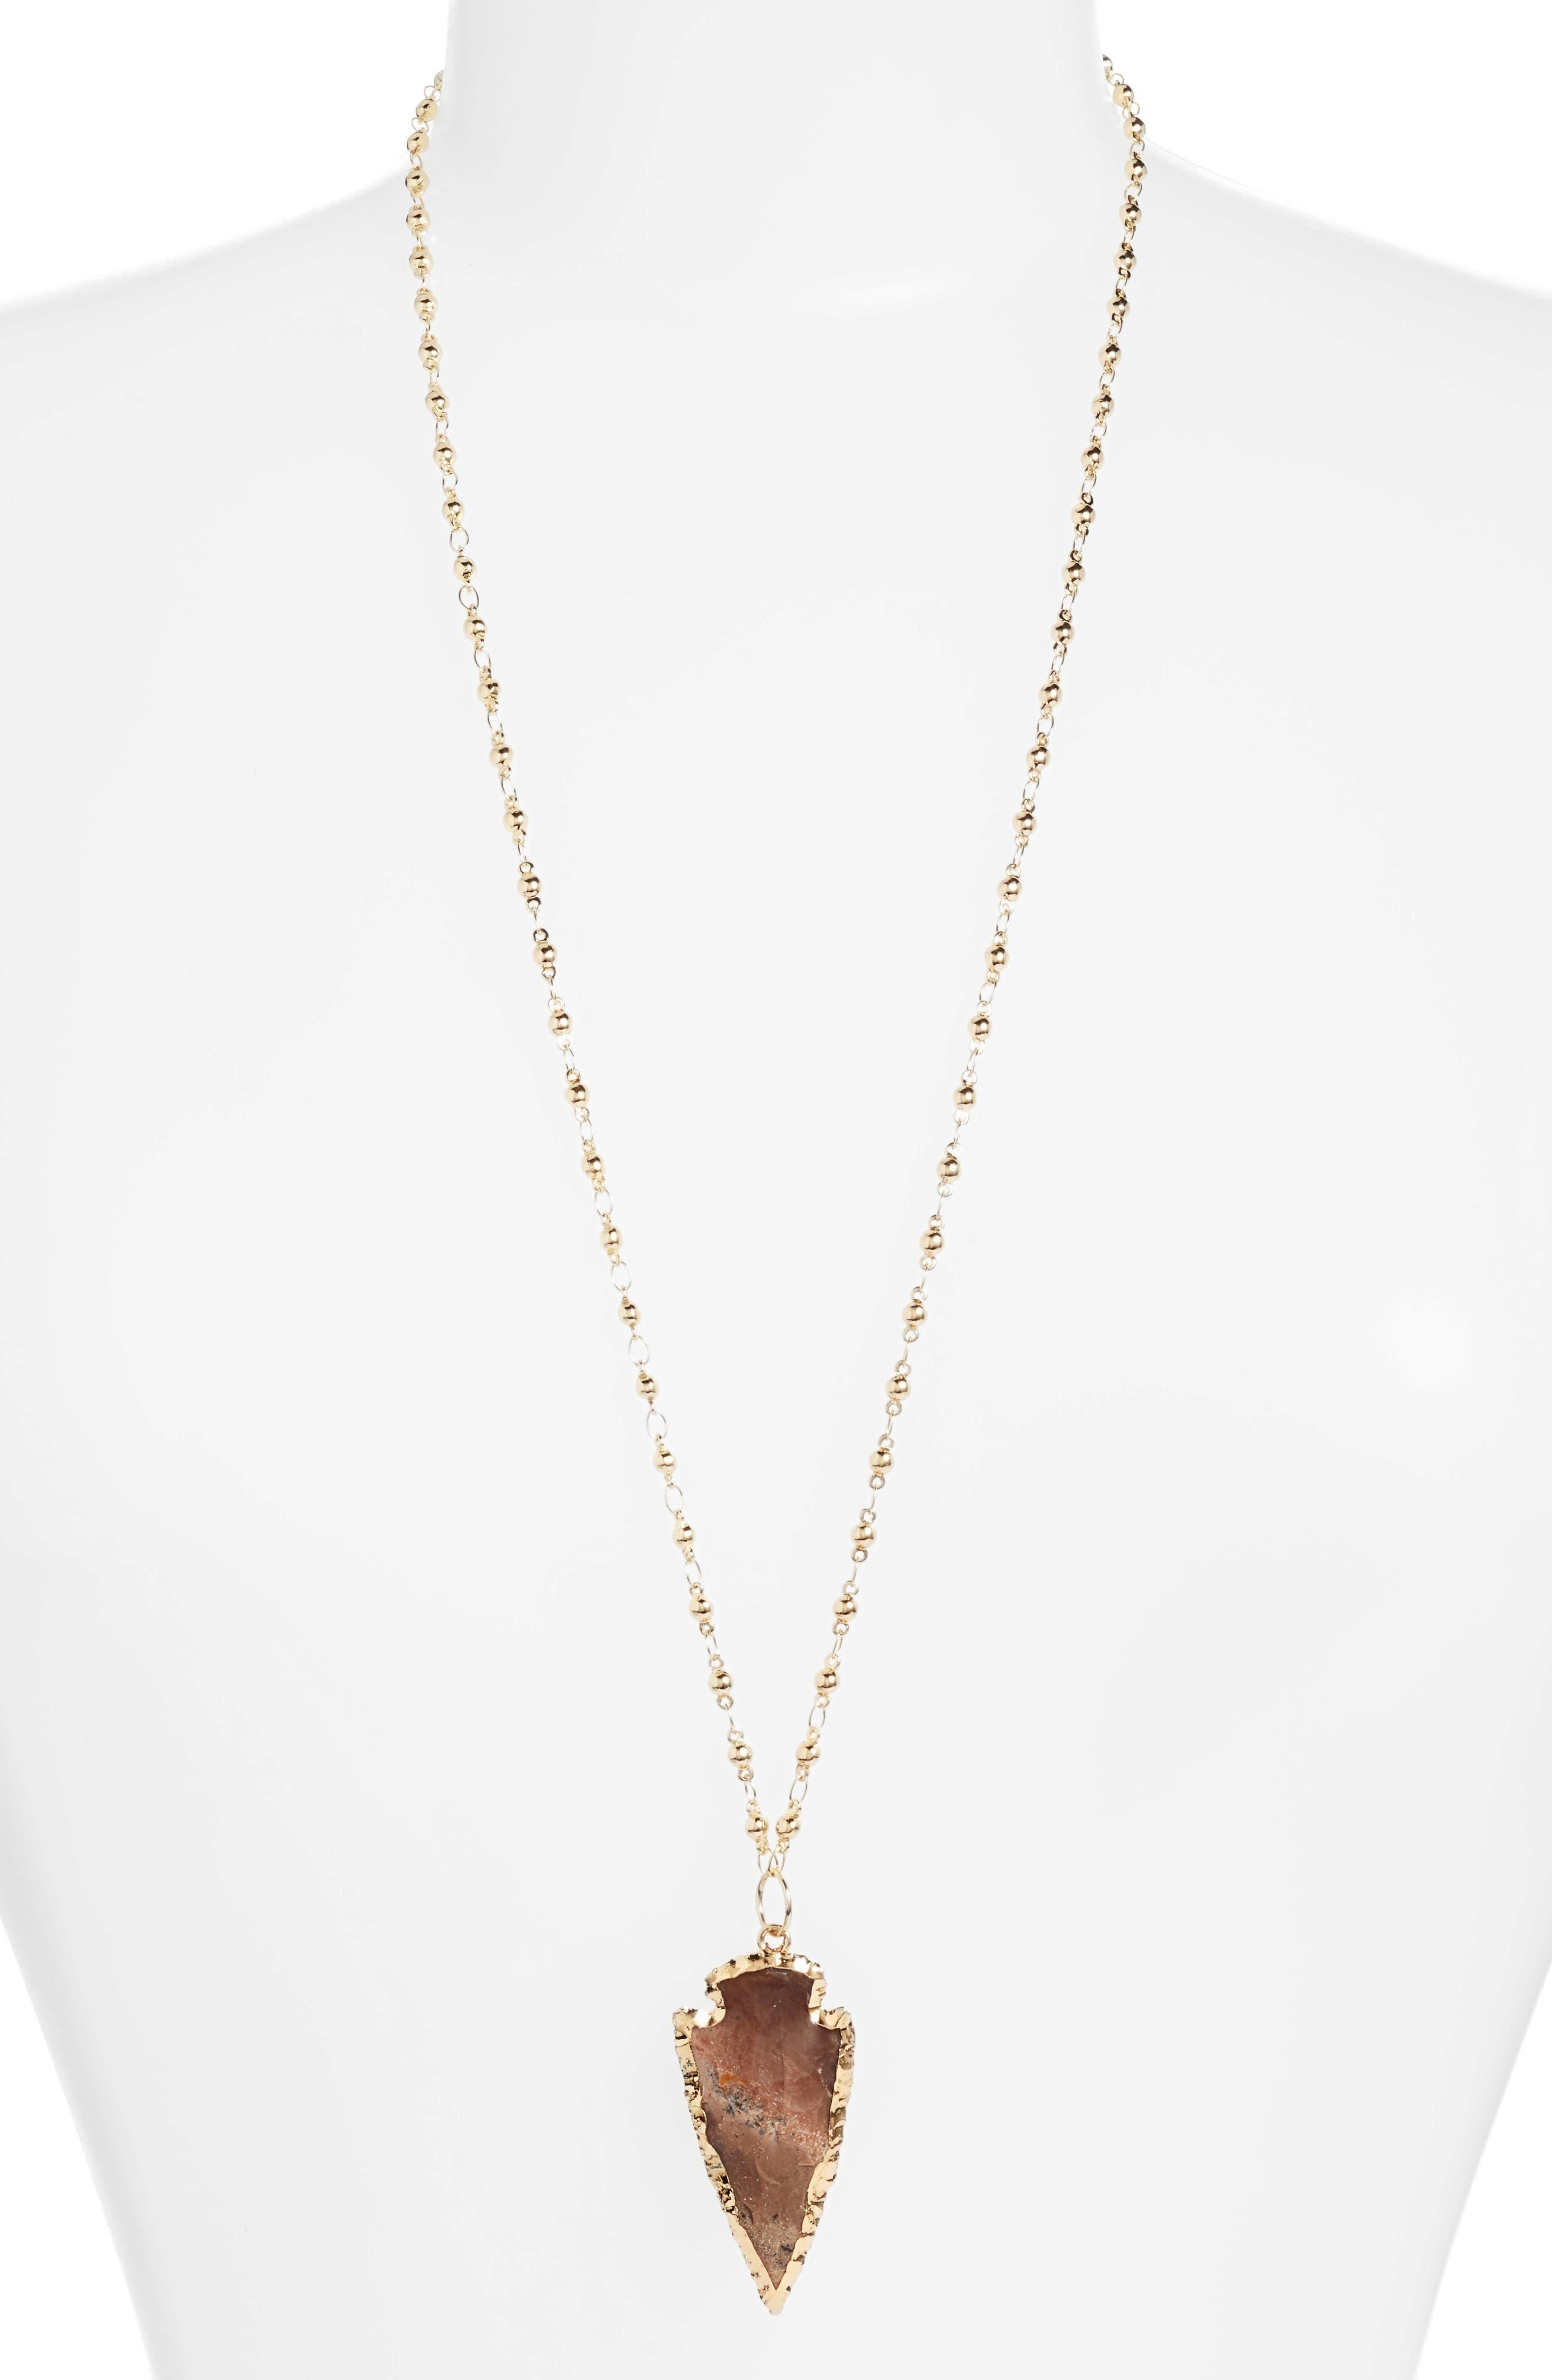 Sahara Arrowhead Necklace,                             Main thumbnail 1, color,                             Speckled